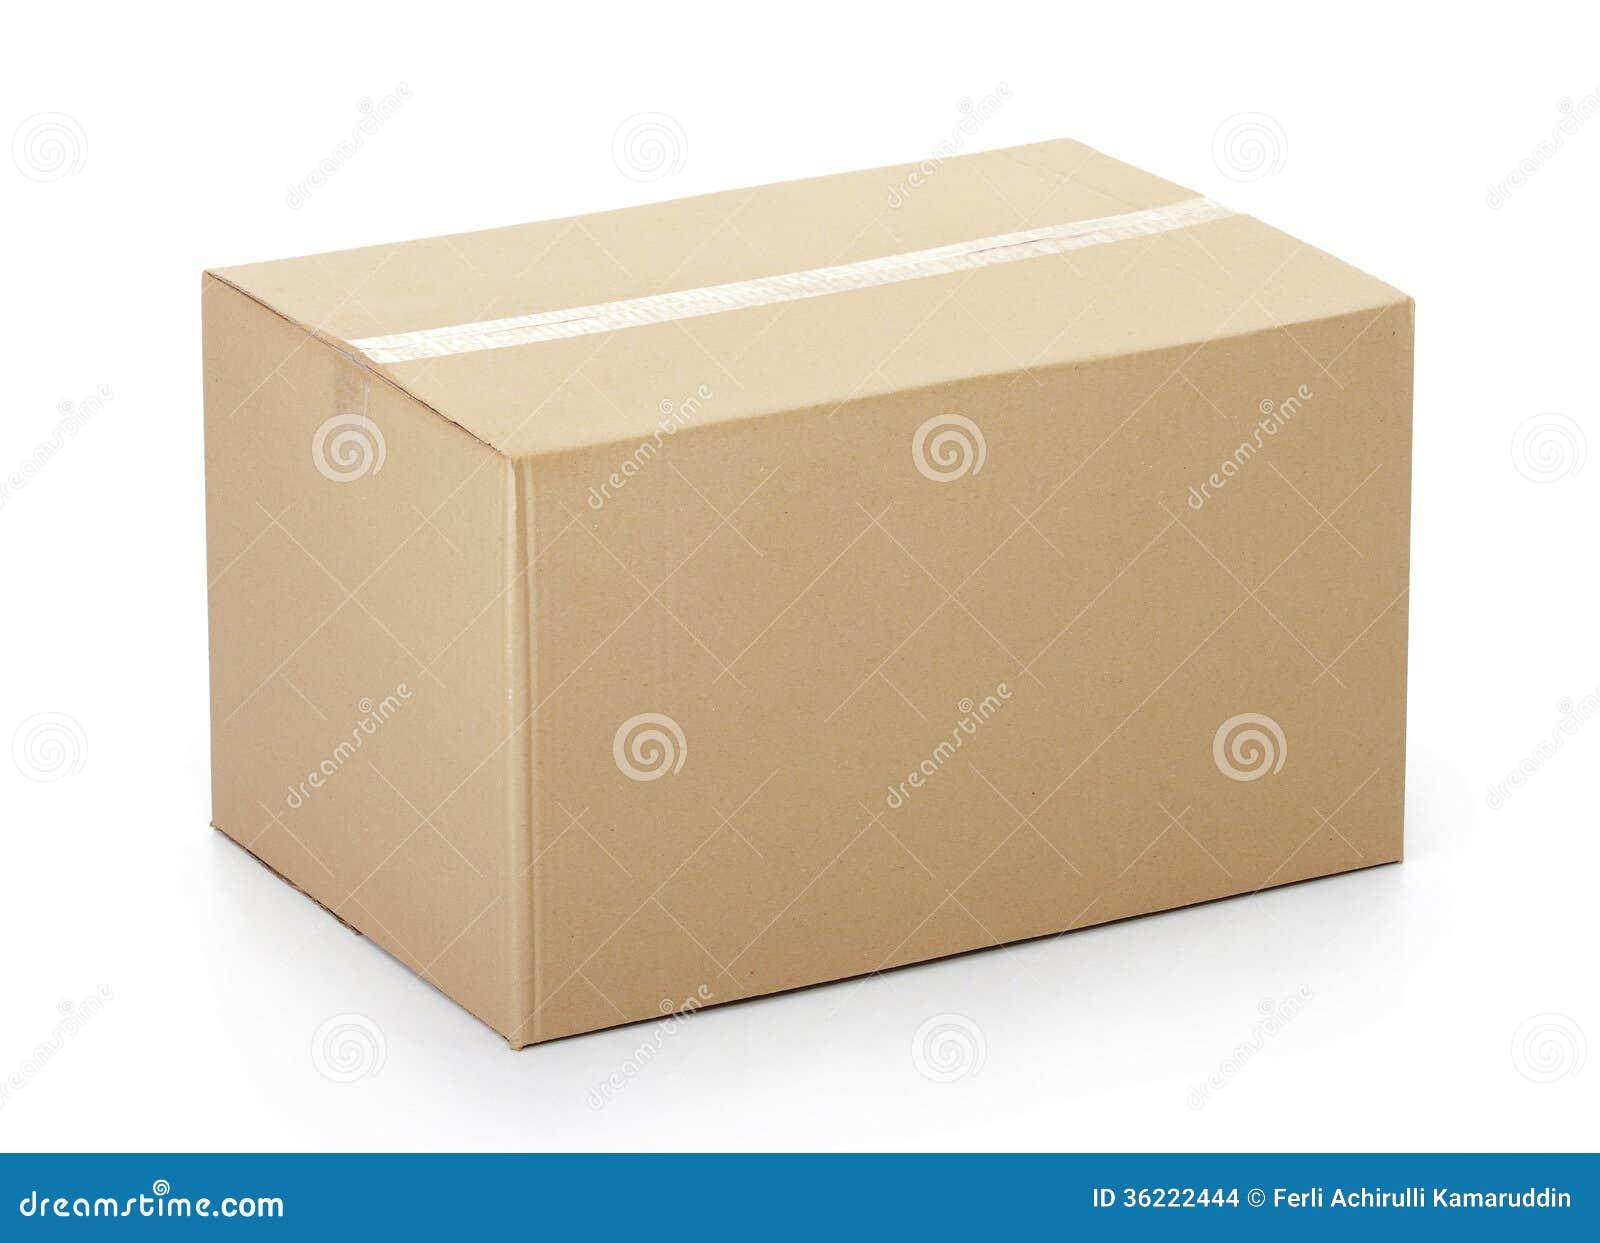 Κλειστό κουτί από χαρτόνι που δένεται με ταινία επάνω